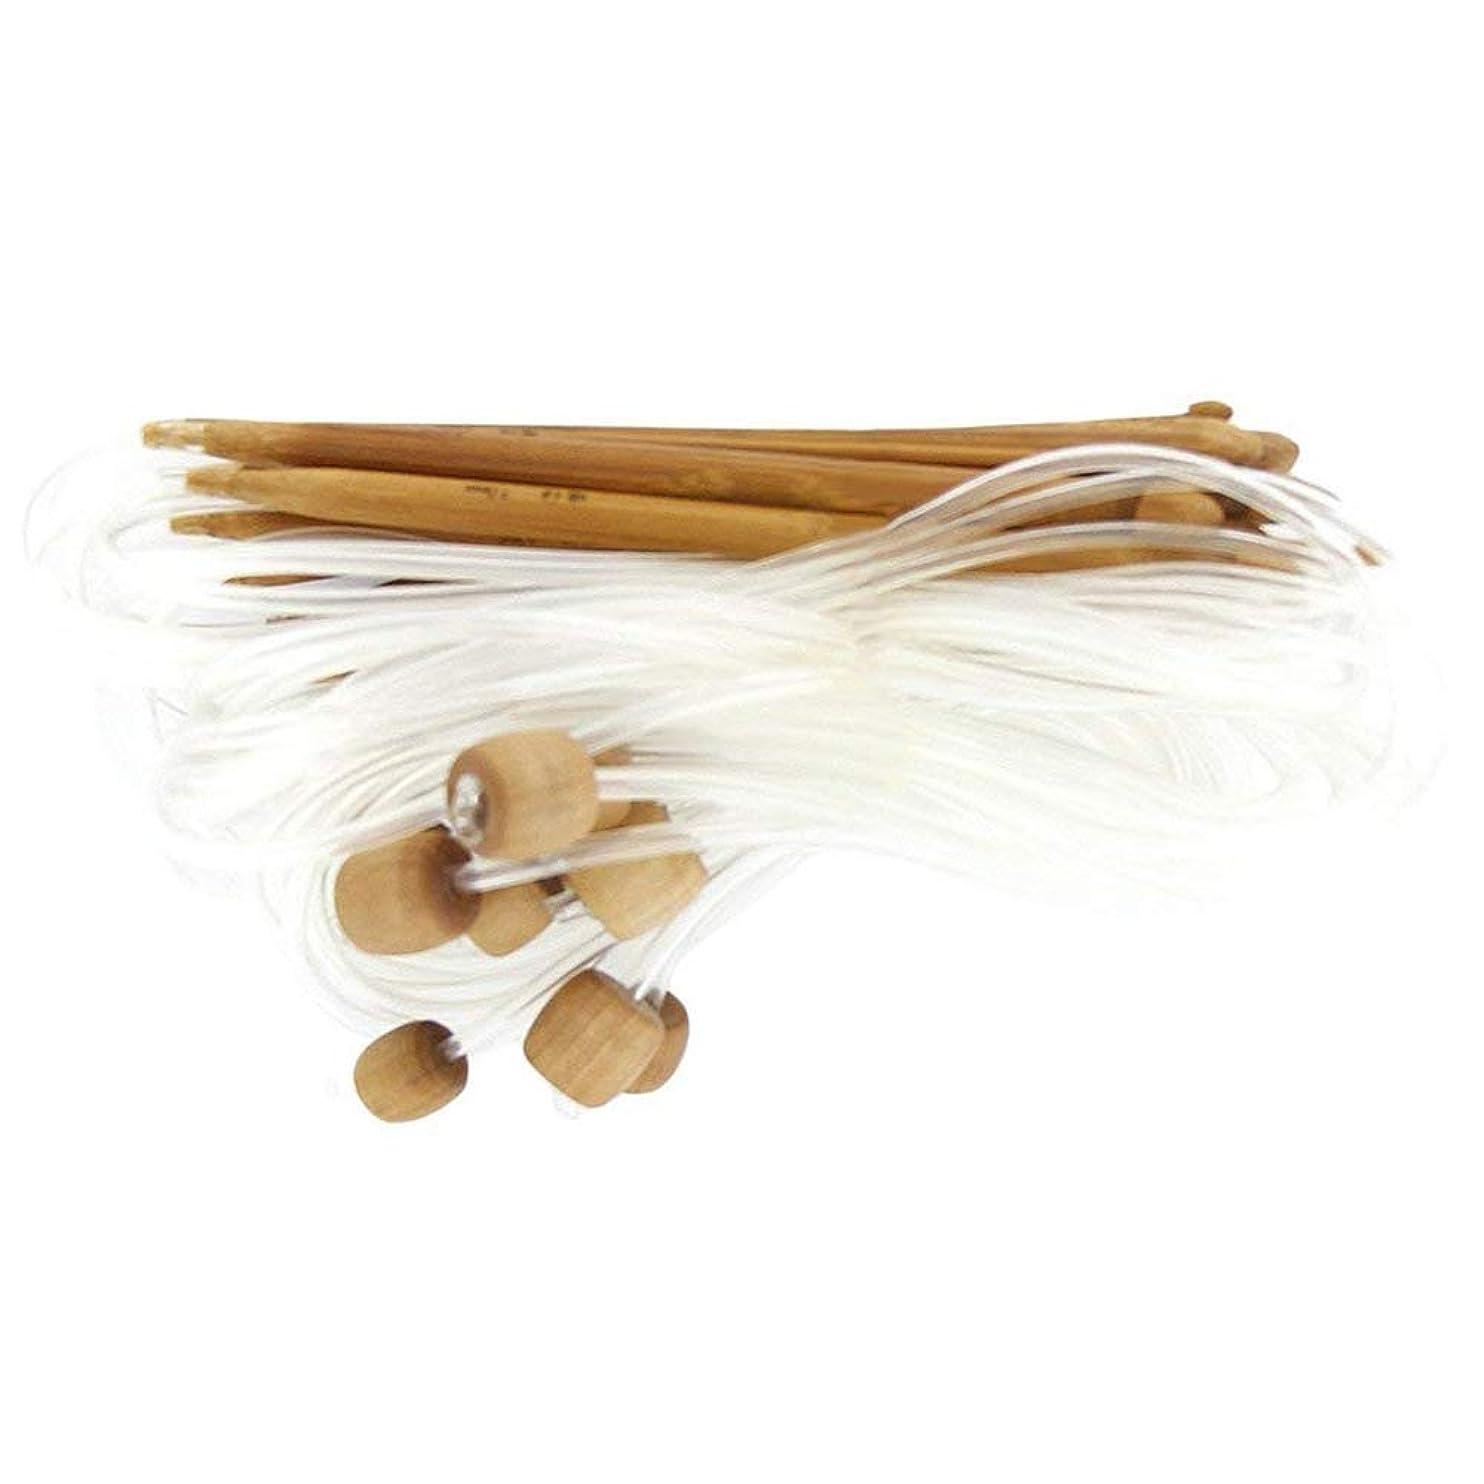 アラビア語アレイゼリーOnior フック編み針炭化セーター針かぎ針編みパール手作り織りツール12個/セット